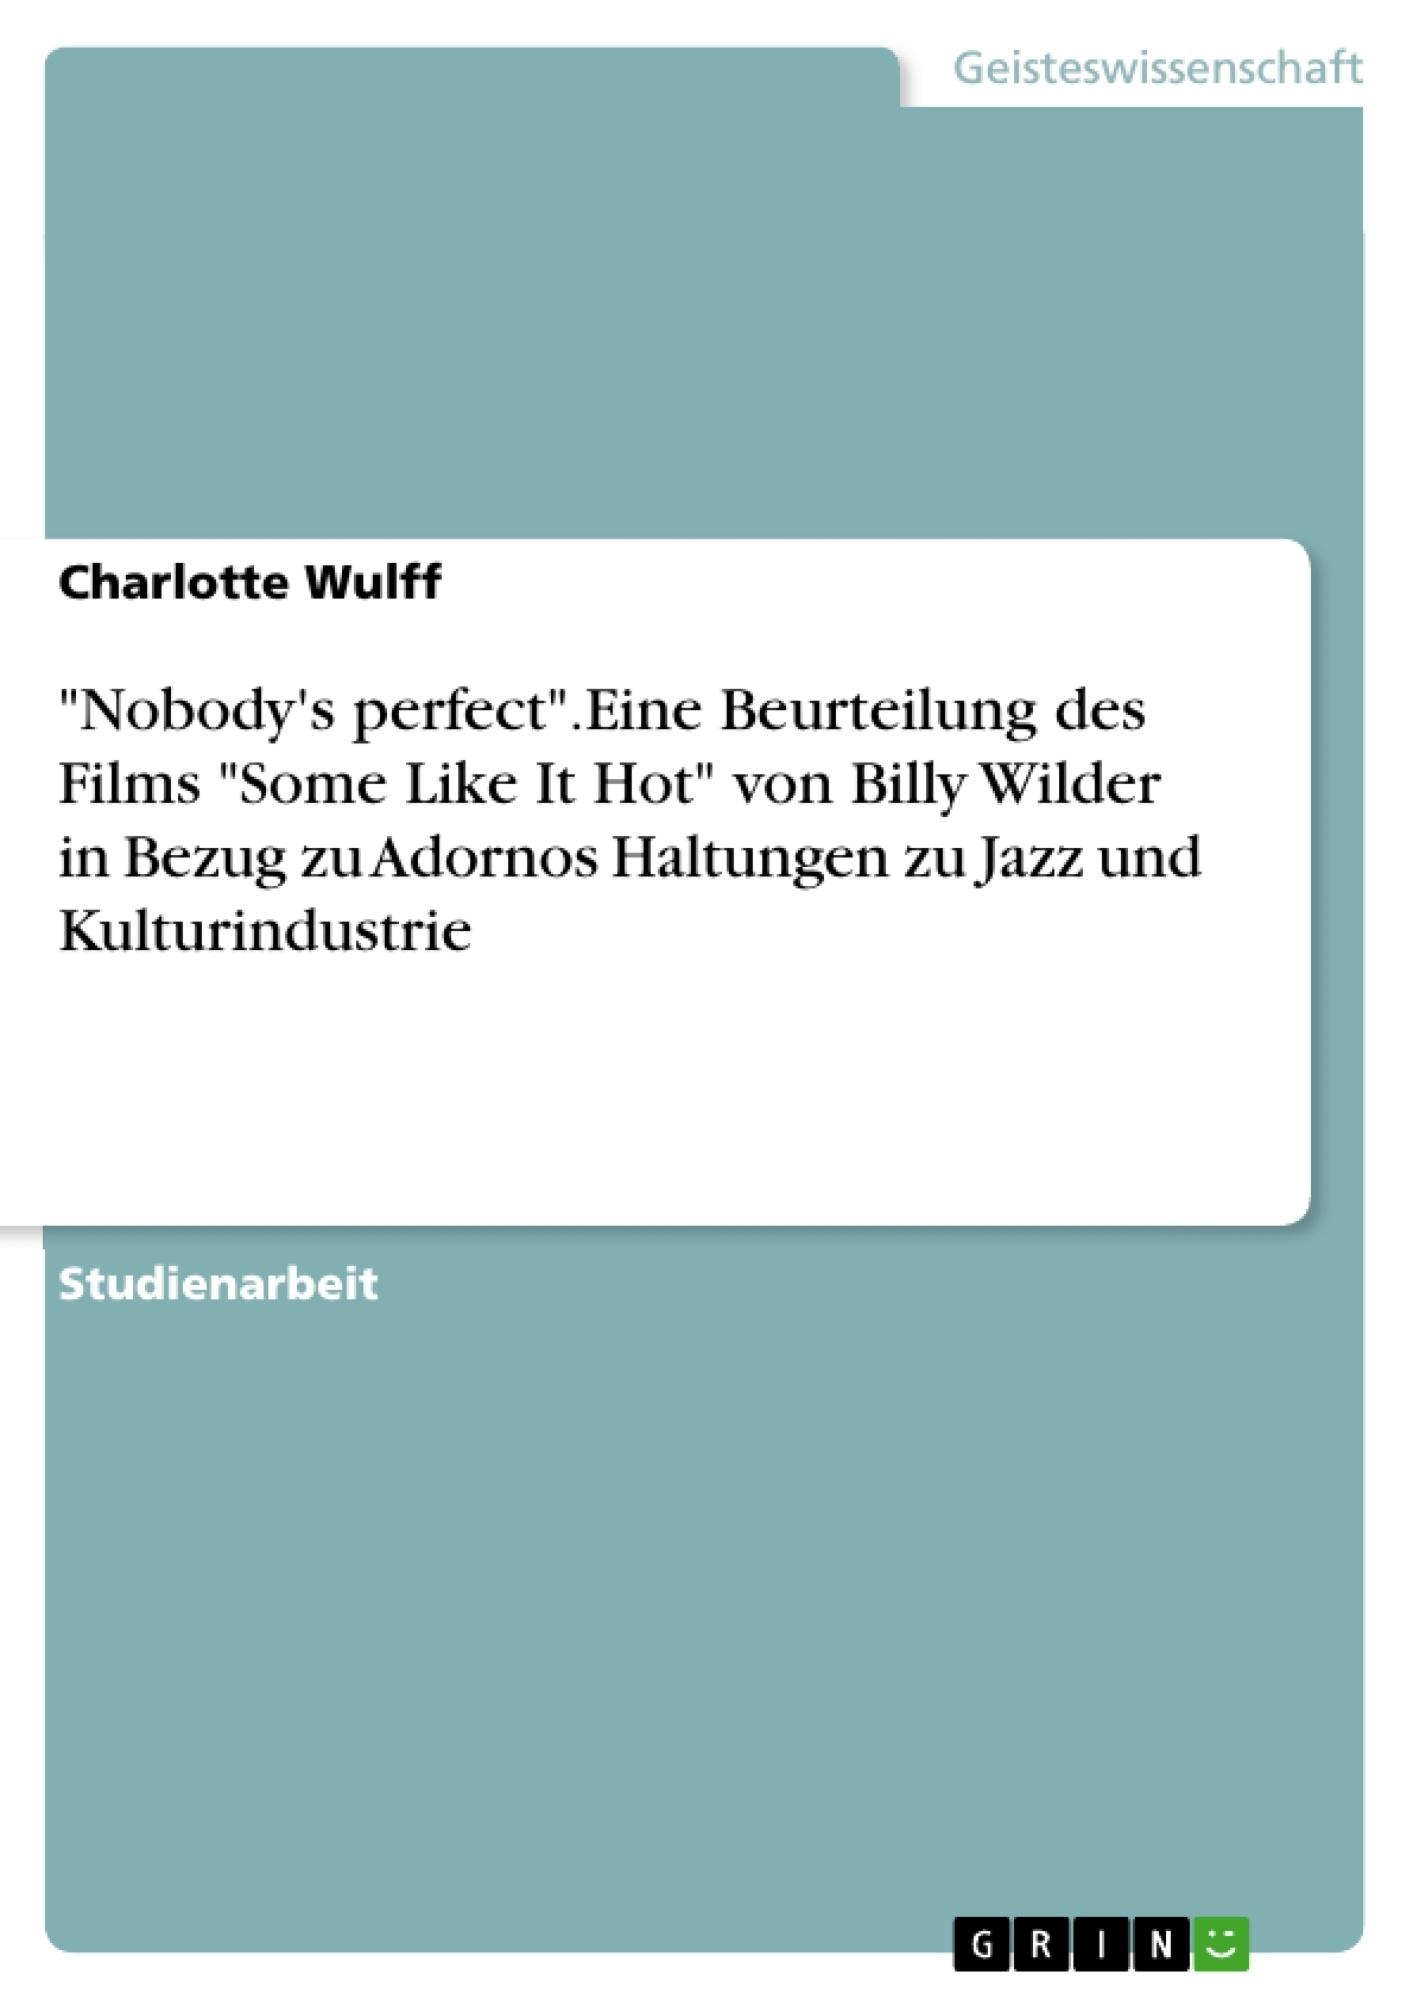 """Titel: """"Nobody's perfect"""".Eine Beurteilung des Films """"Some Like It Hot"""" von Billy Wilder in Bezug zu Adornos Haltungen zu Jazz und Kulturindustrie"""